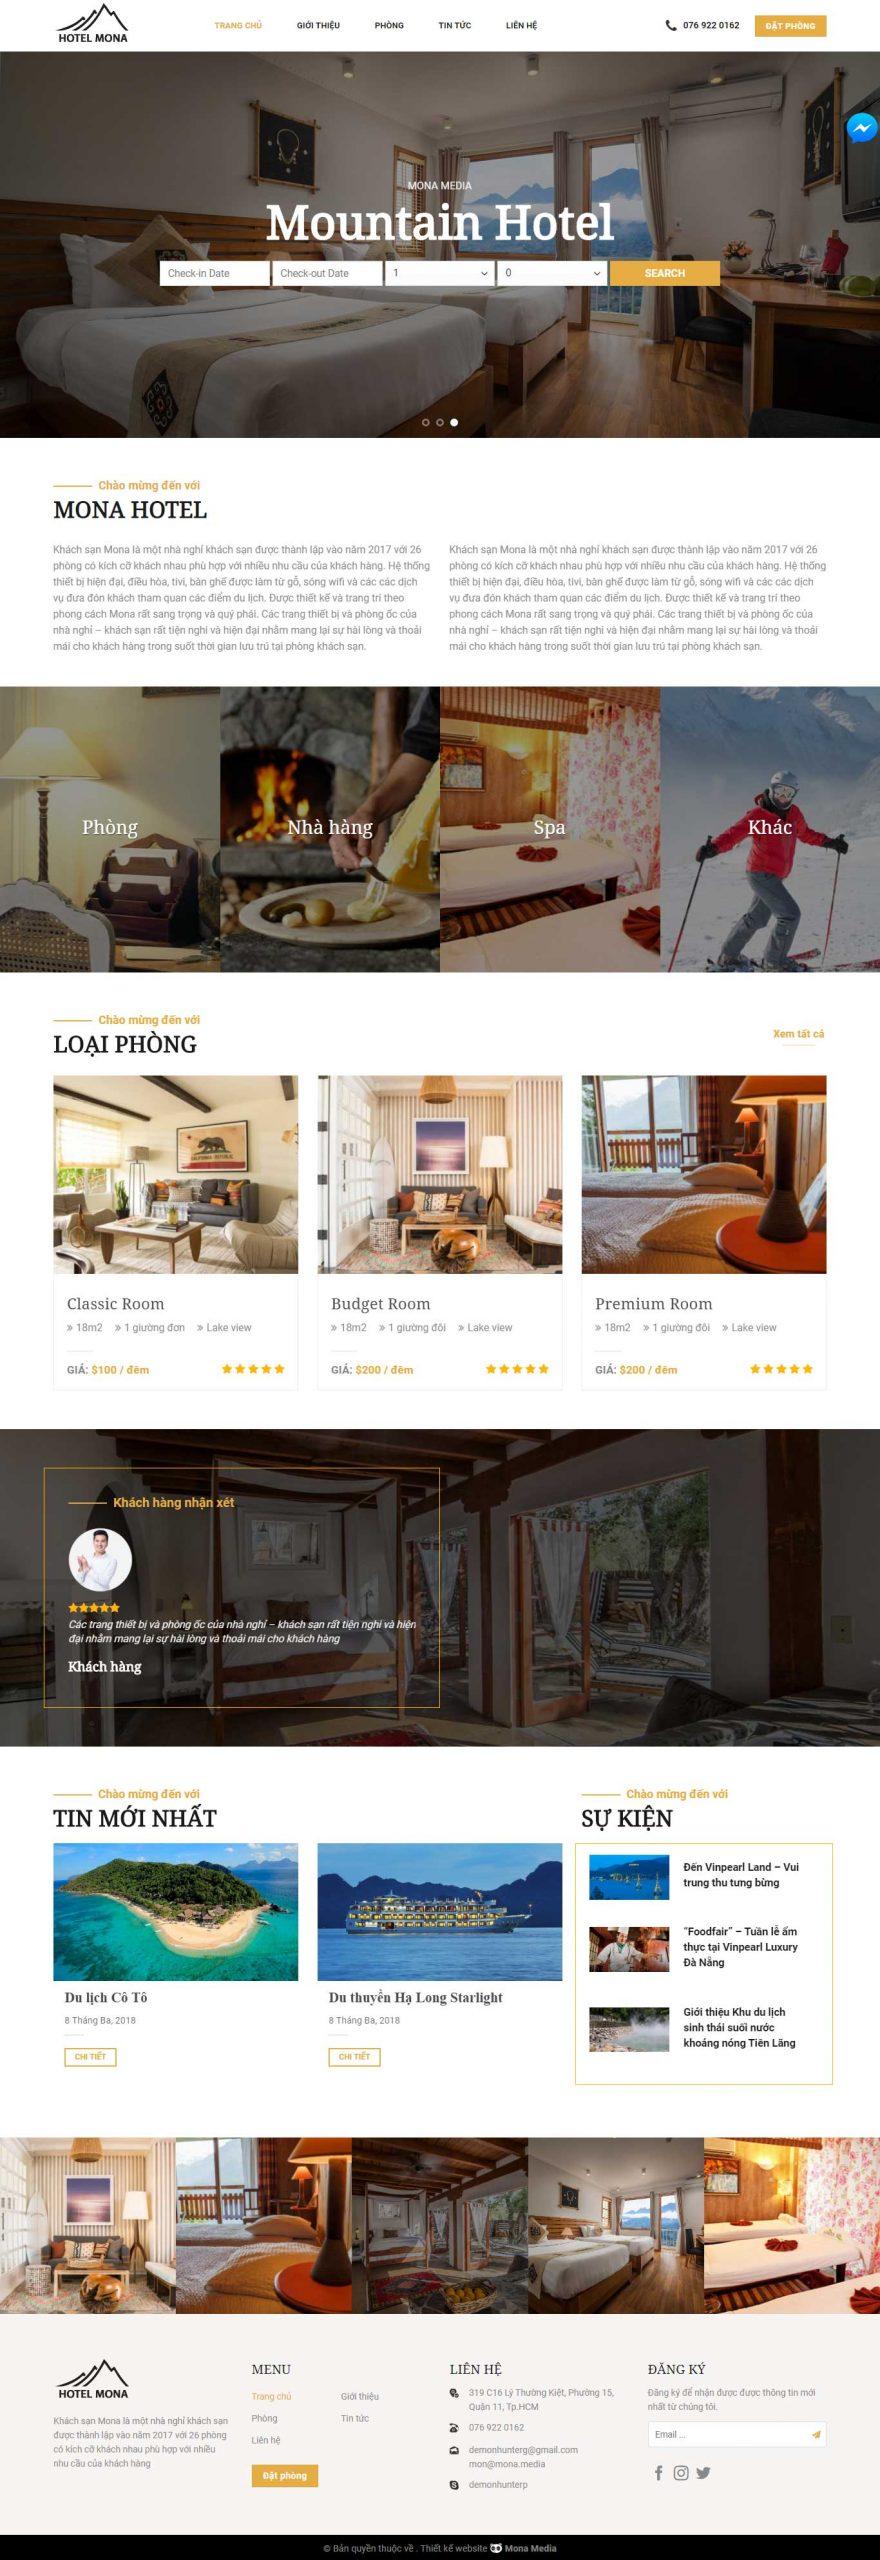 Mẫu website dịch vụ khách sạn Mountain